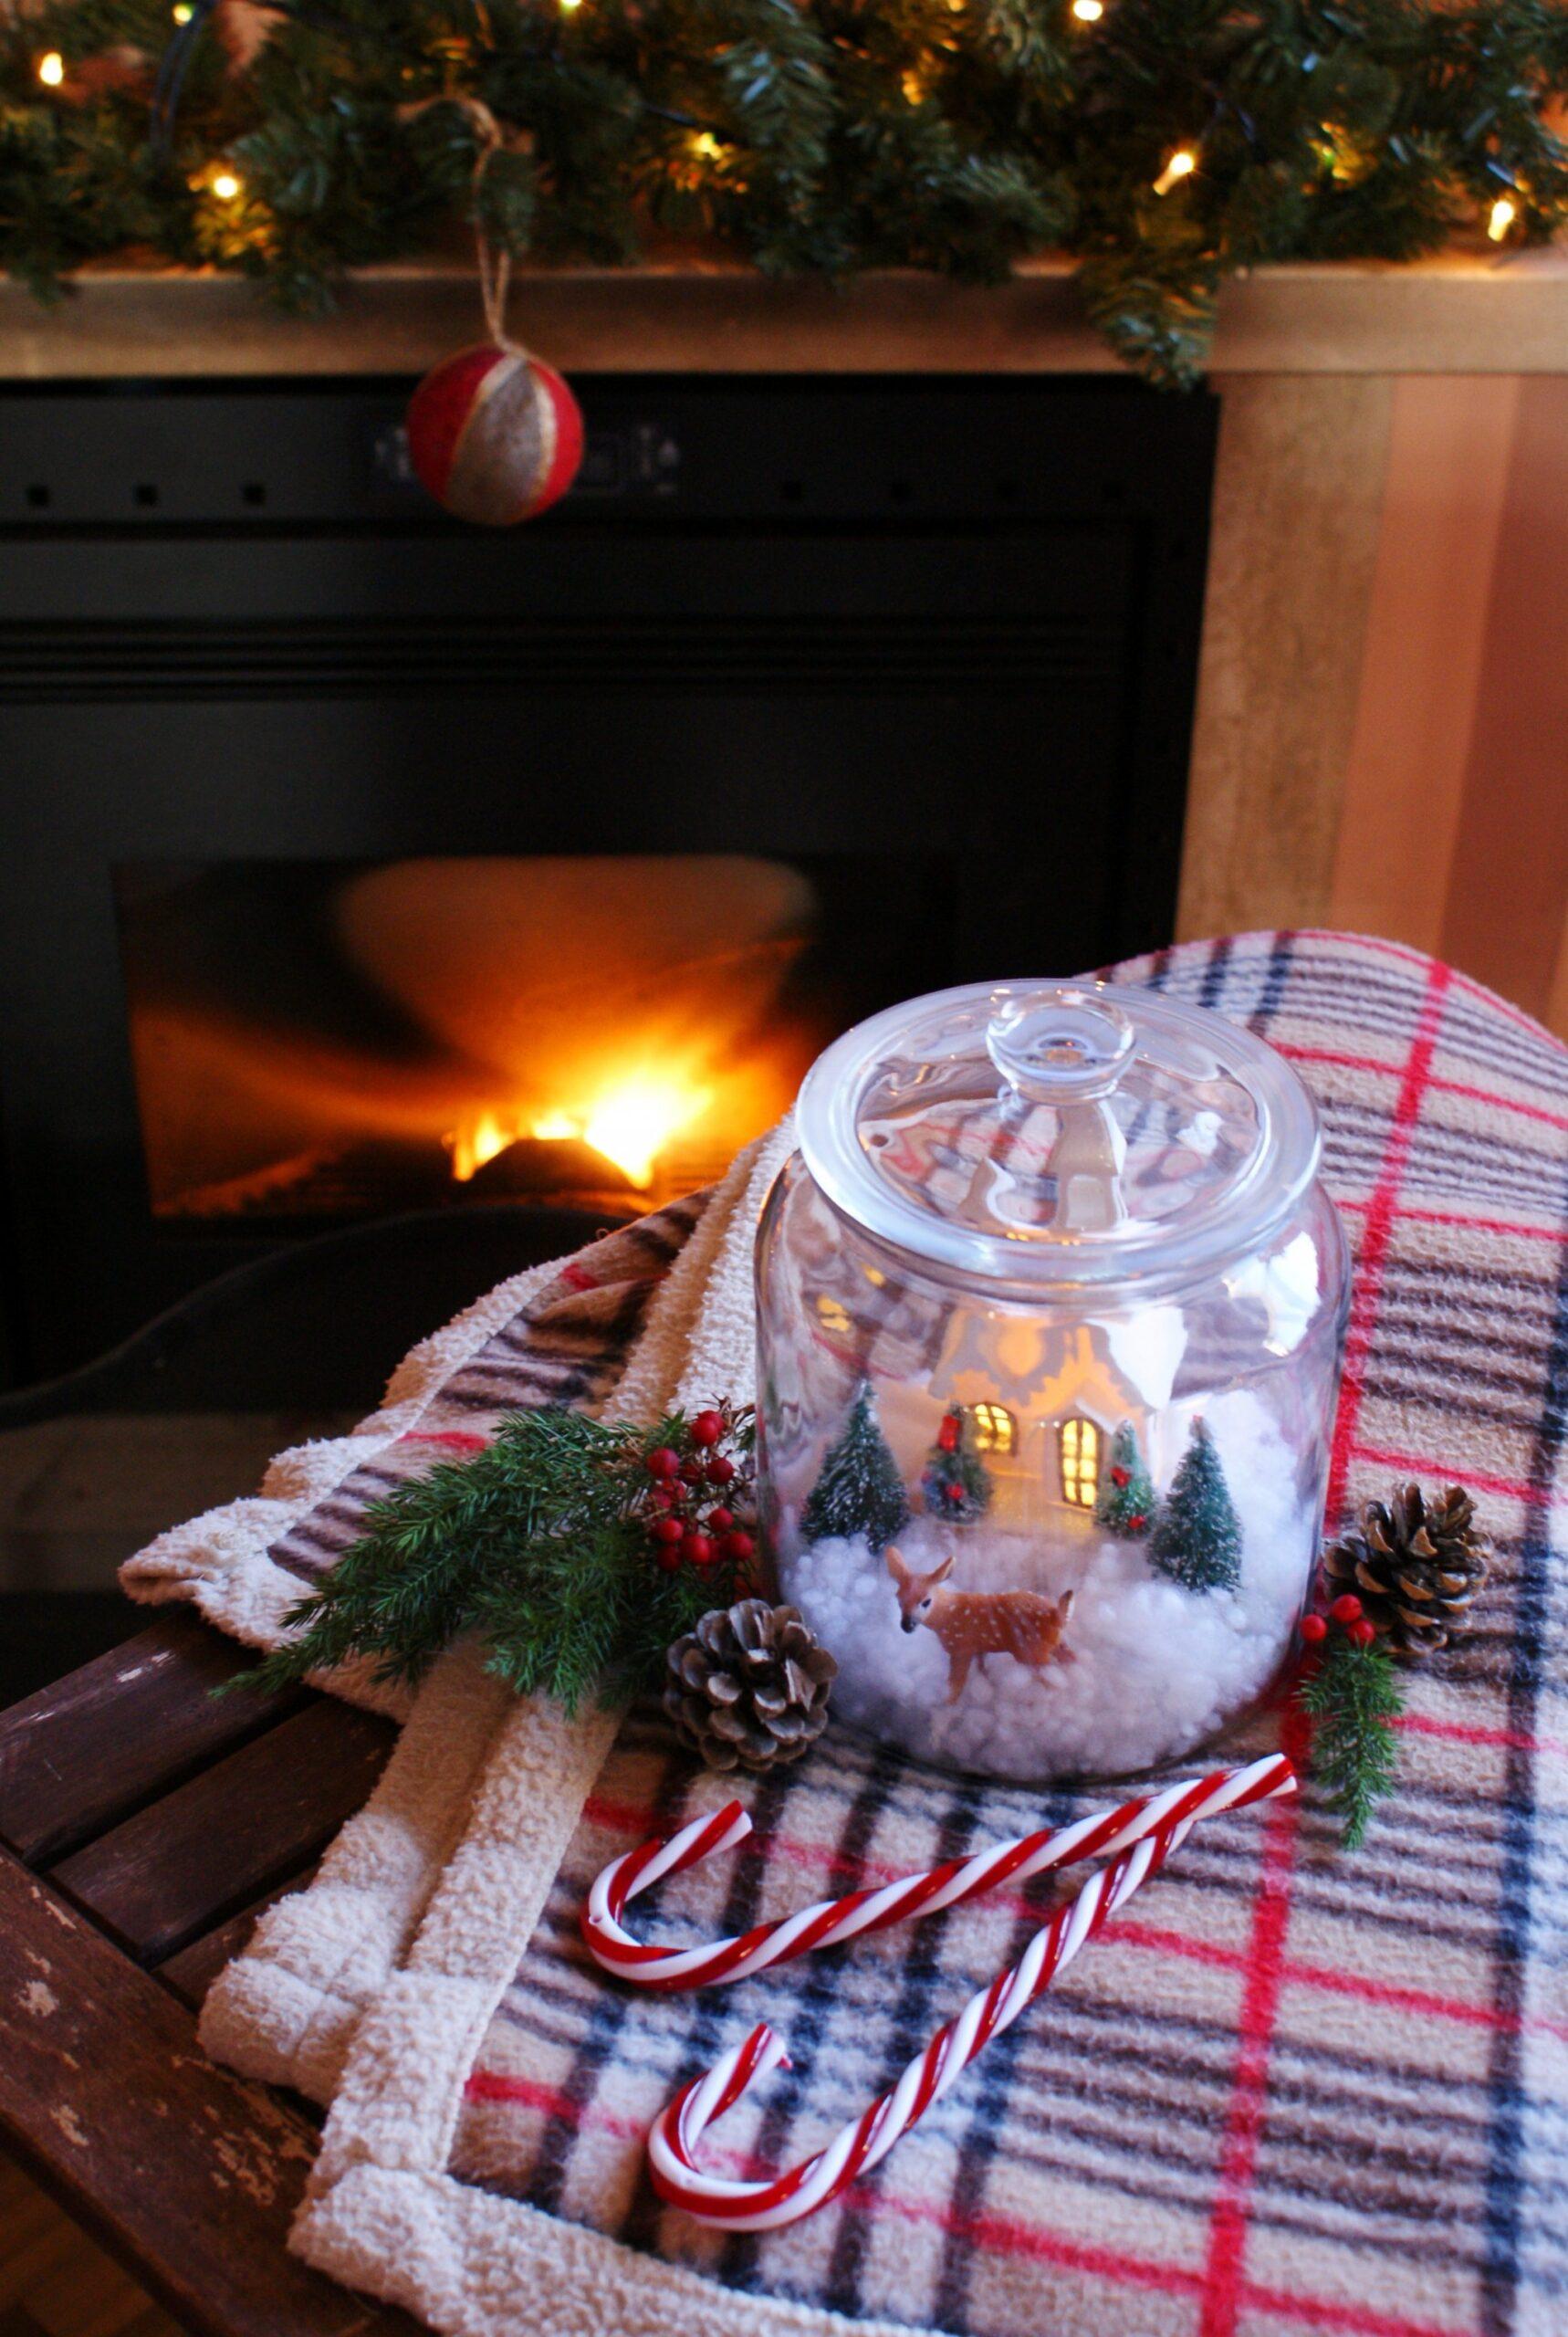 barattolo scena natalizia inverno neve faidate